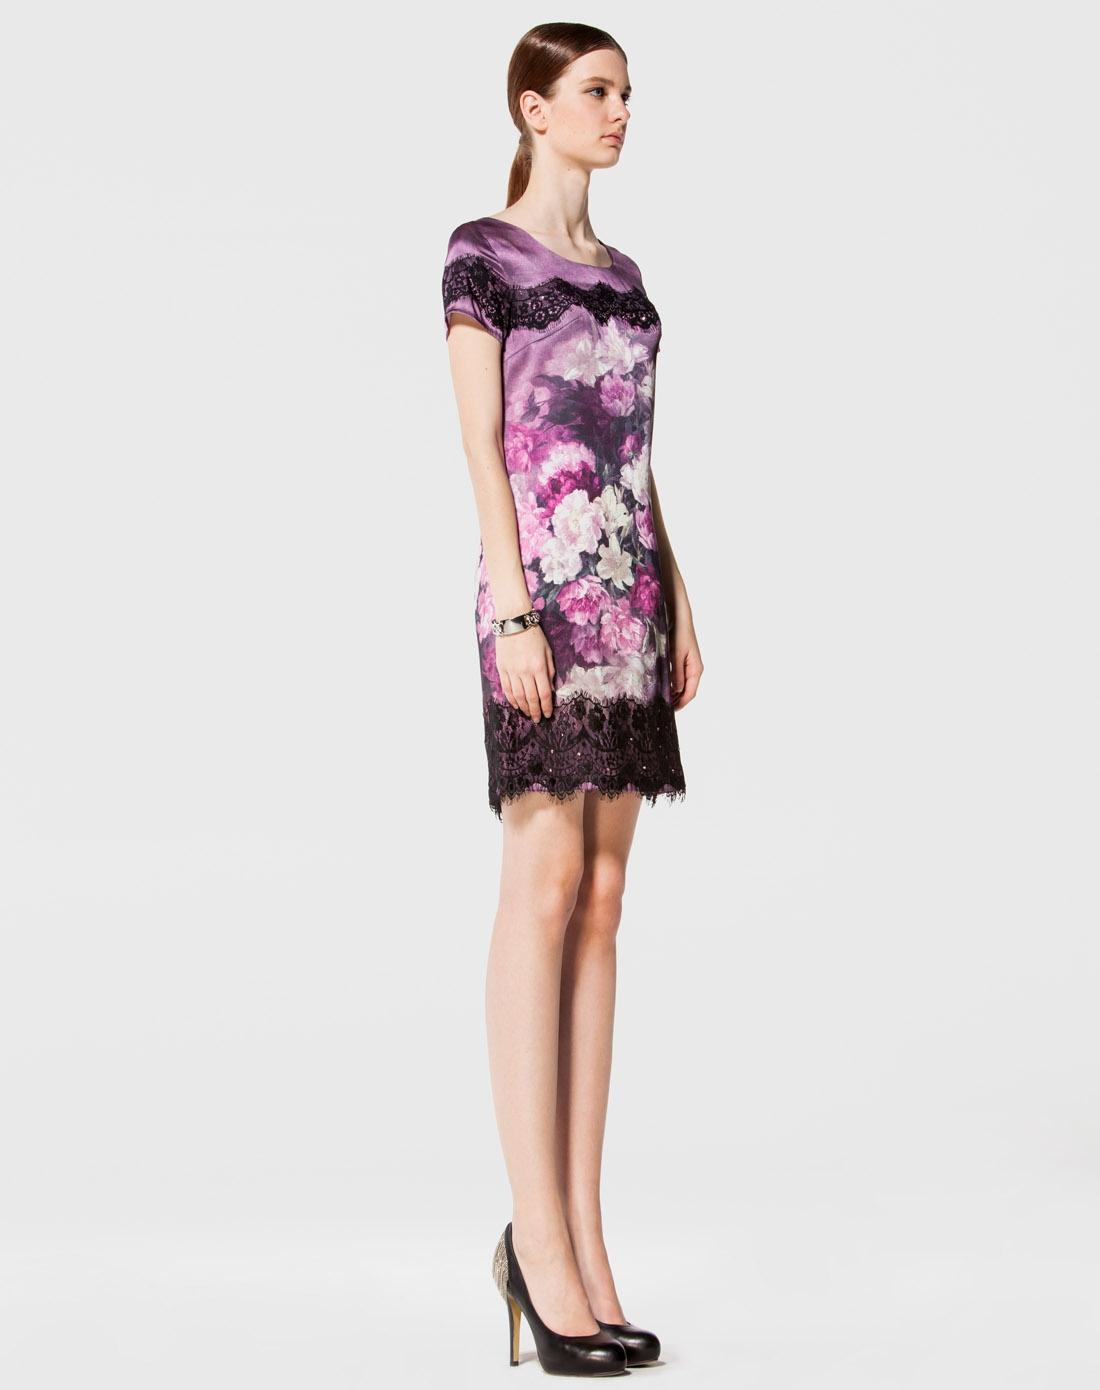 紫色手绘桑蚕丝连衣裙